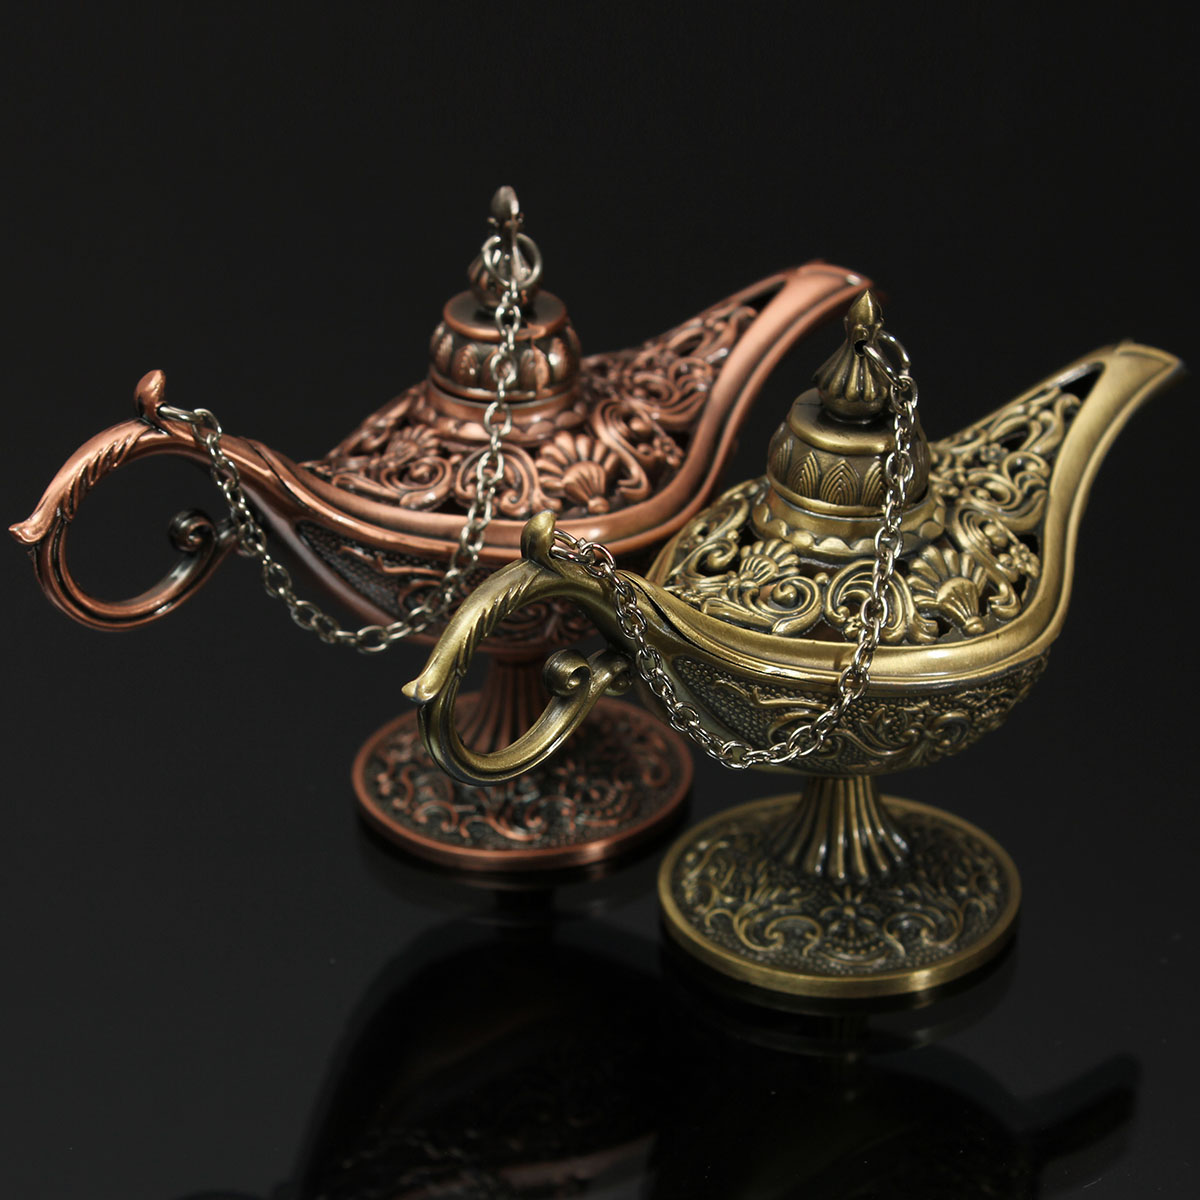 cuento de hadas del estilo aladdin genie lamp lmparas mgicas tetera vintage retro regalos de juguetes